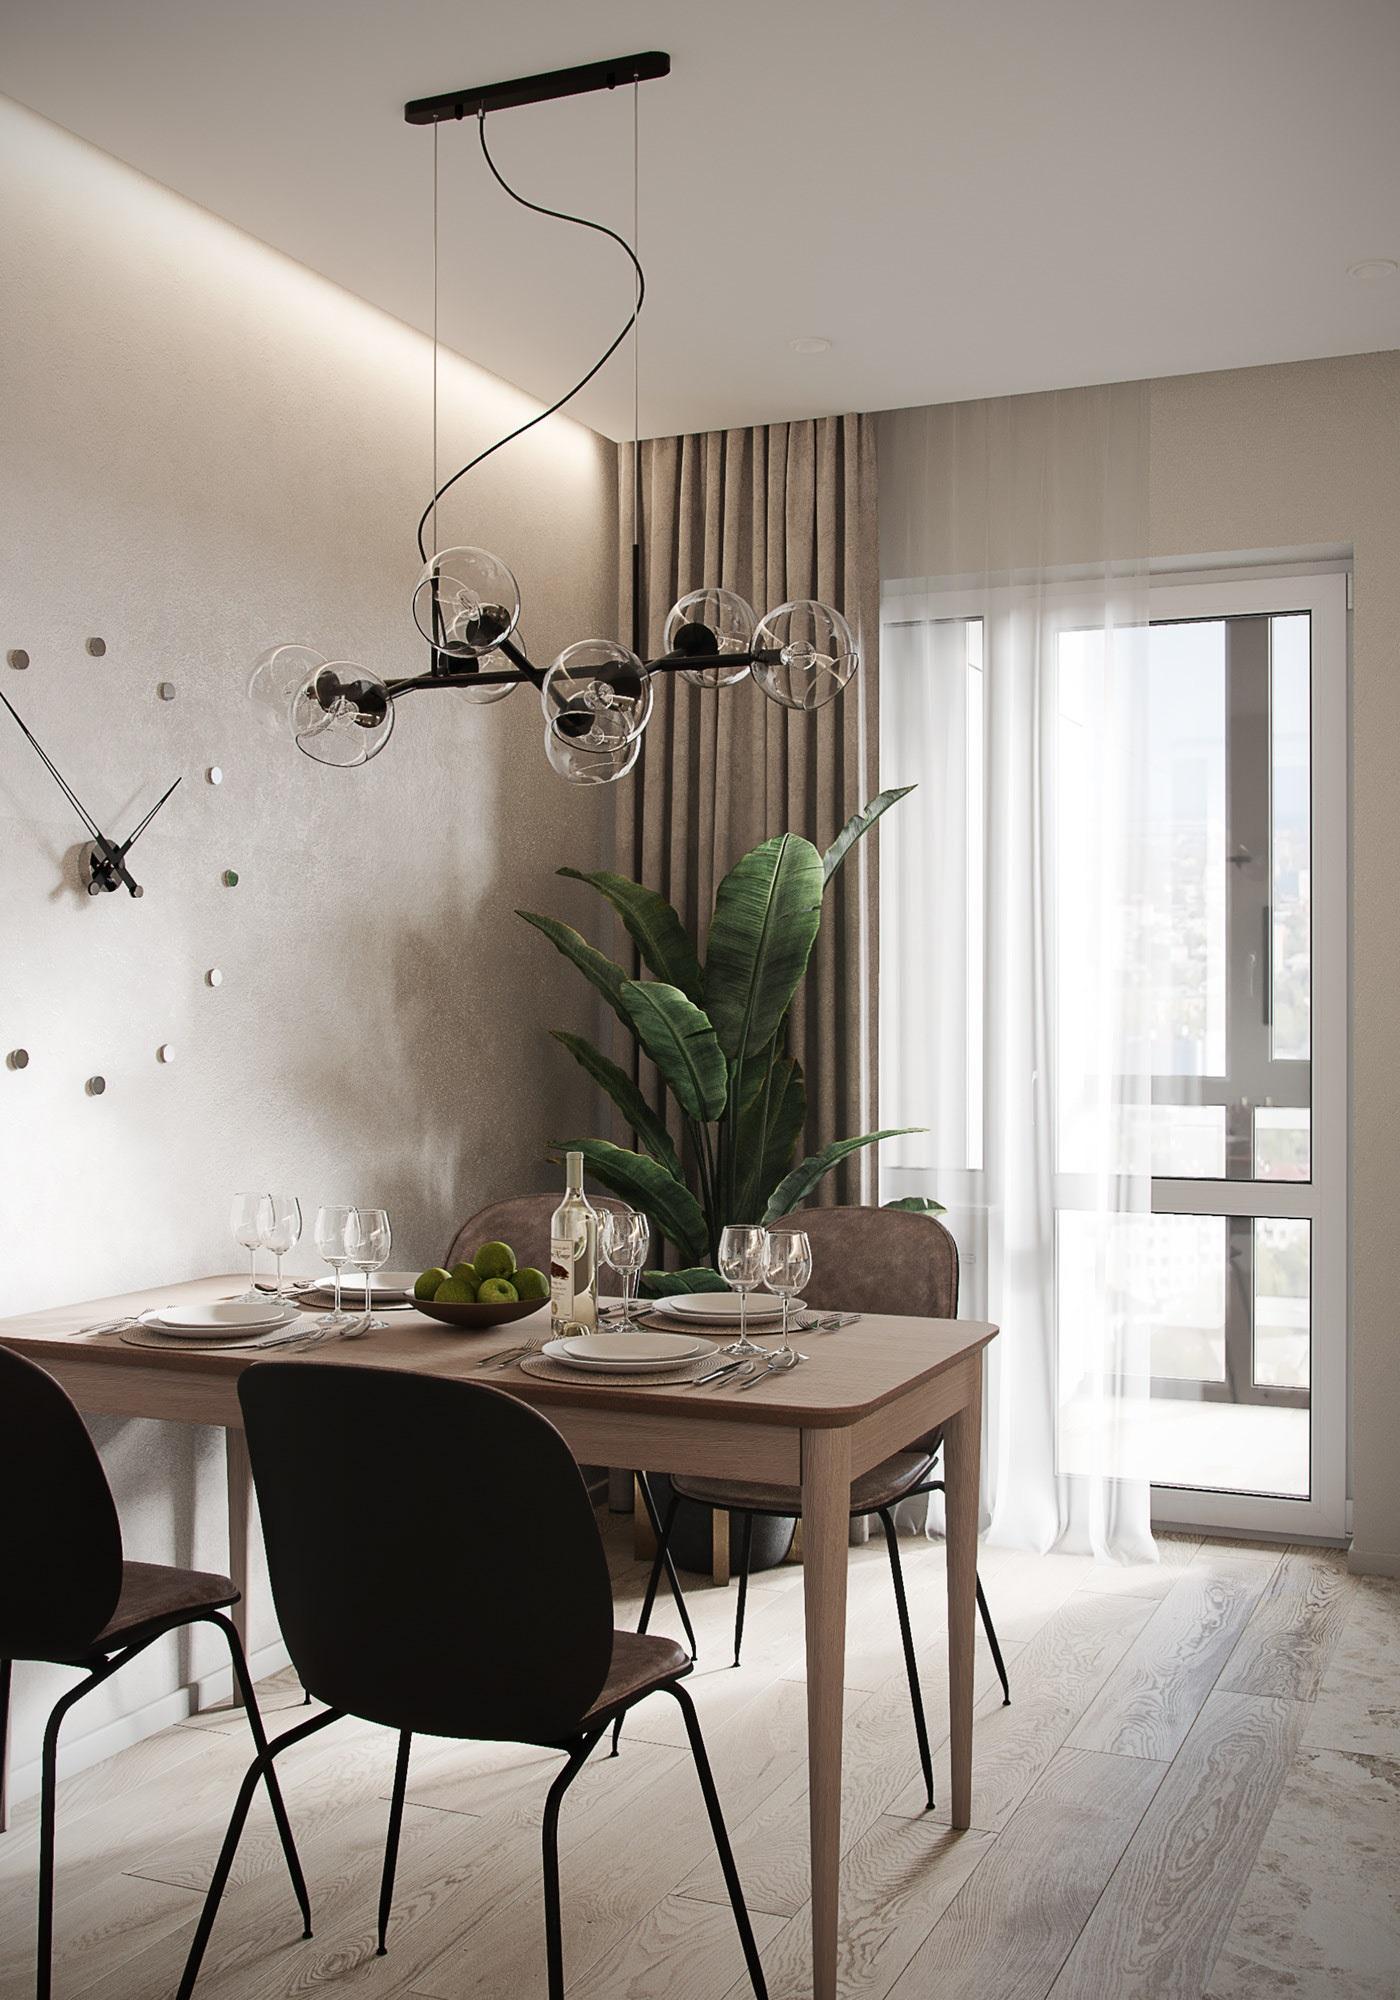 Tư vấn thiết kế căn hộ thô có diện tích 54m² với tổng chi phí 83 triệu đồng - Ảnh 4